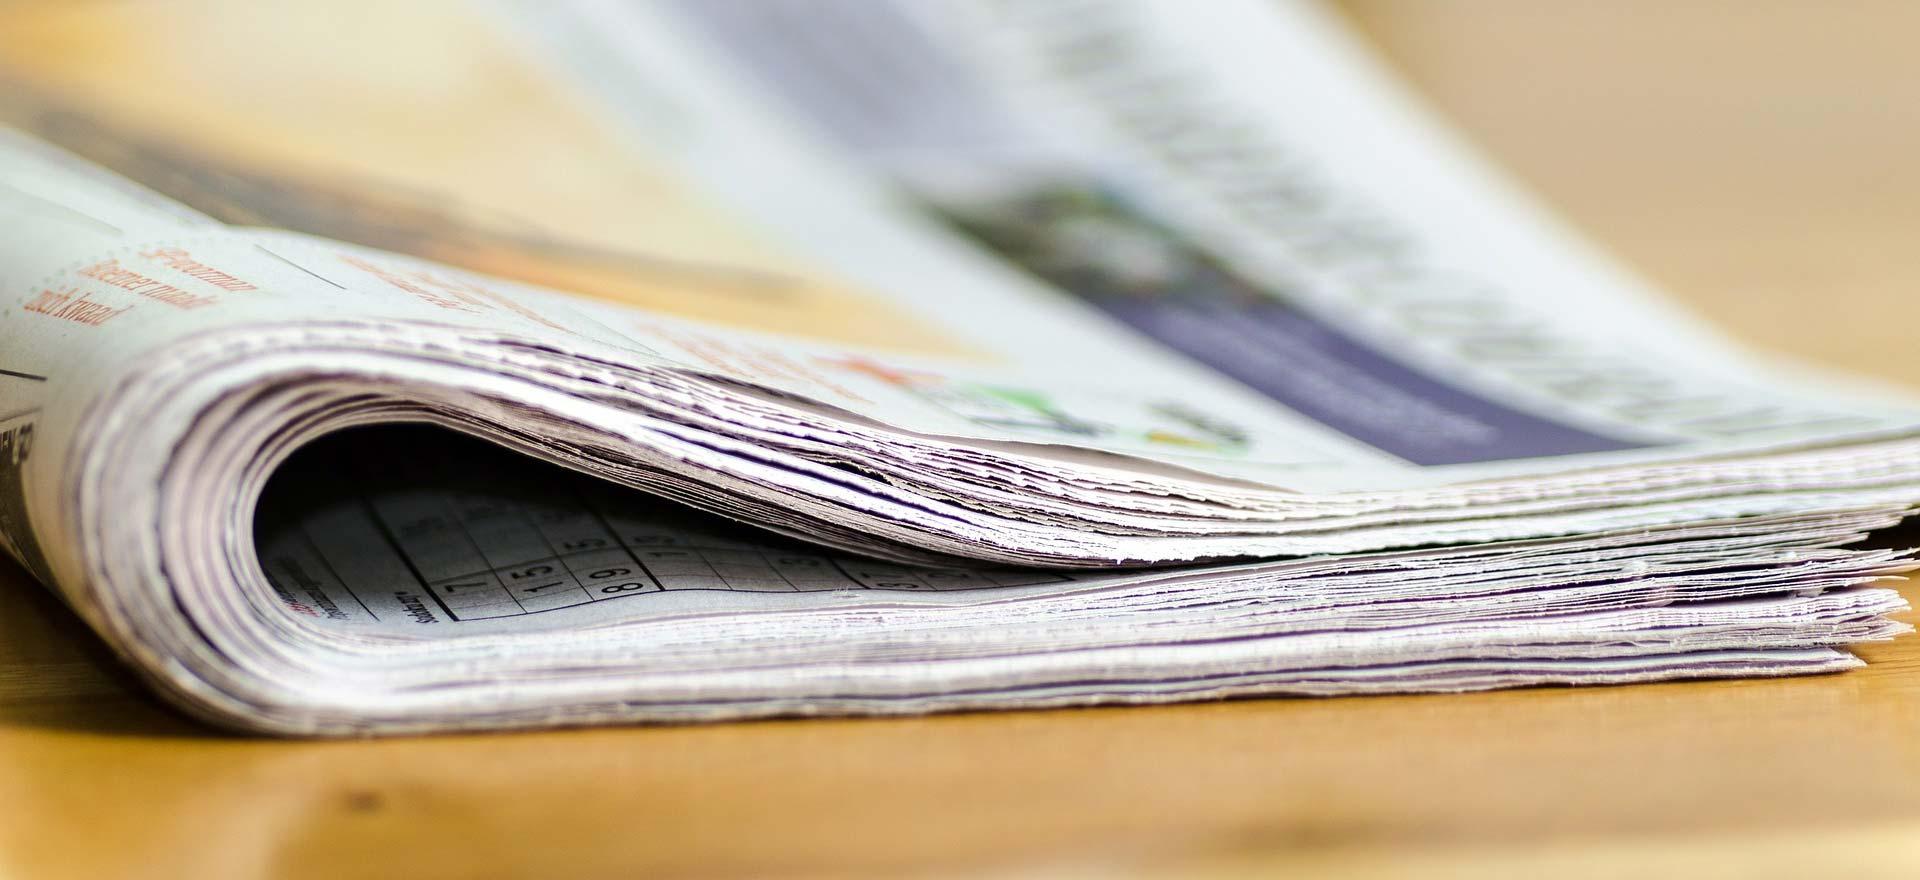 Zeitung mit Neuigkeiten aus dem Belleza-Zentrum für Implantate aus Berlin.